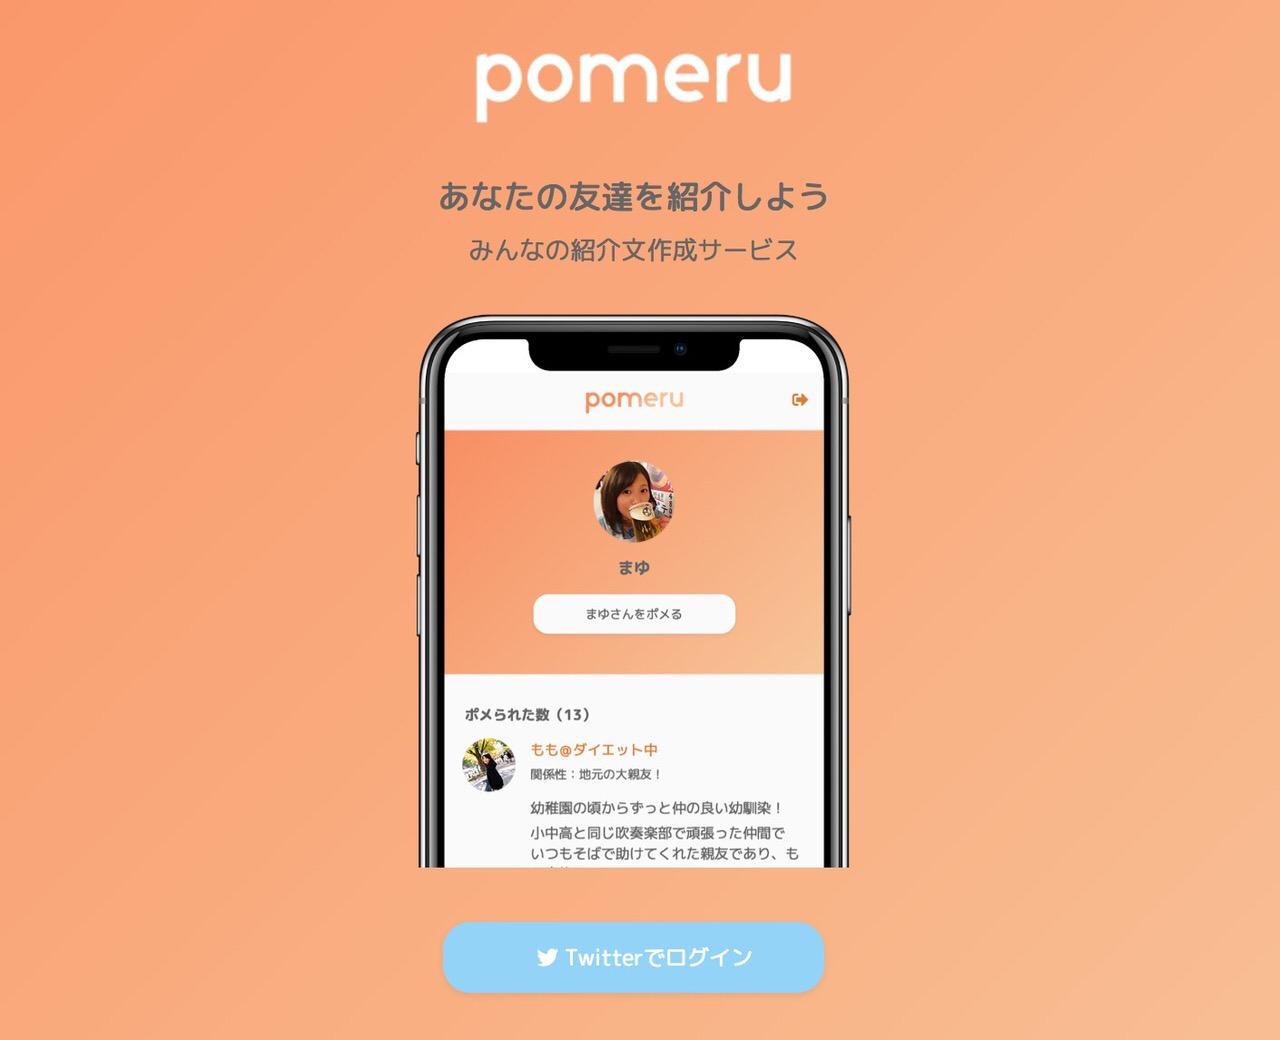 友達に紹介文を書いてもらうサービス「pomeru(ポメル)」